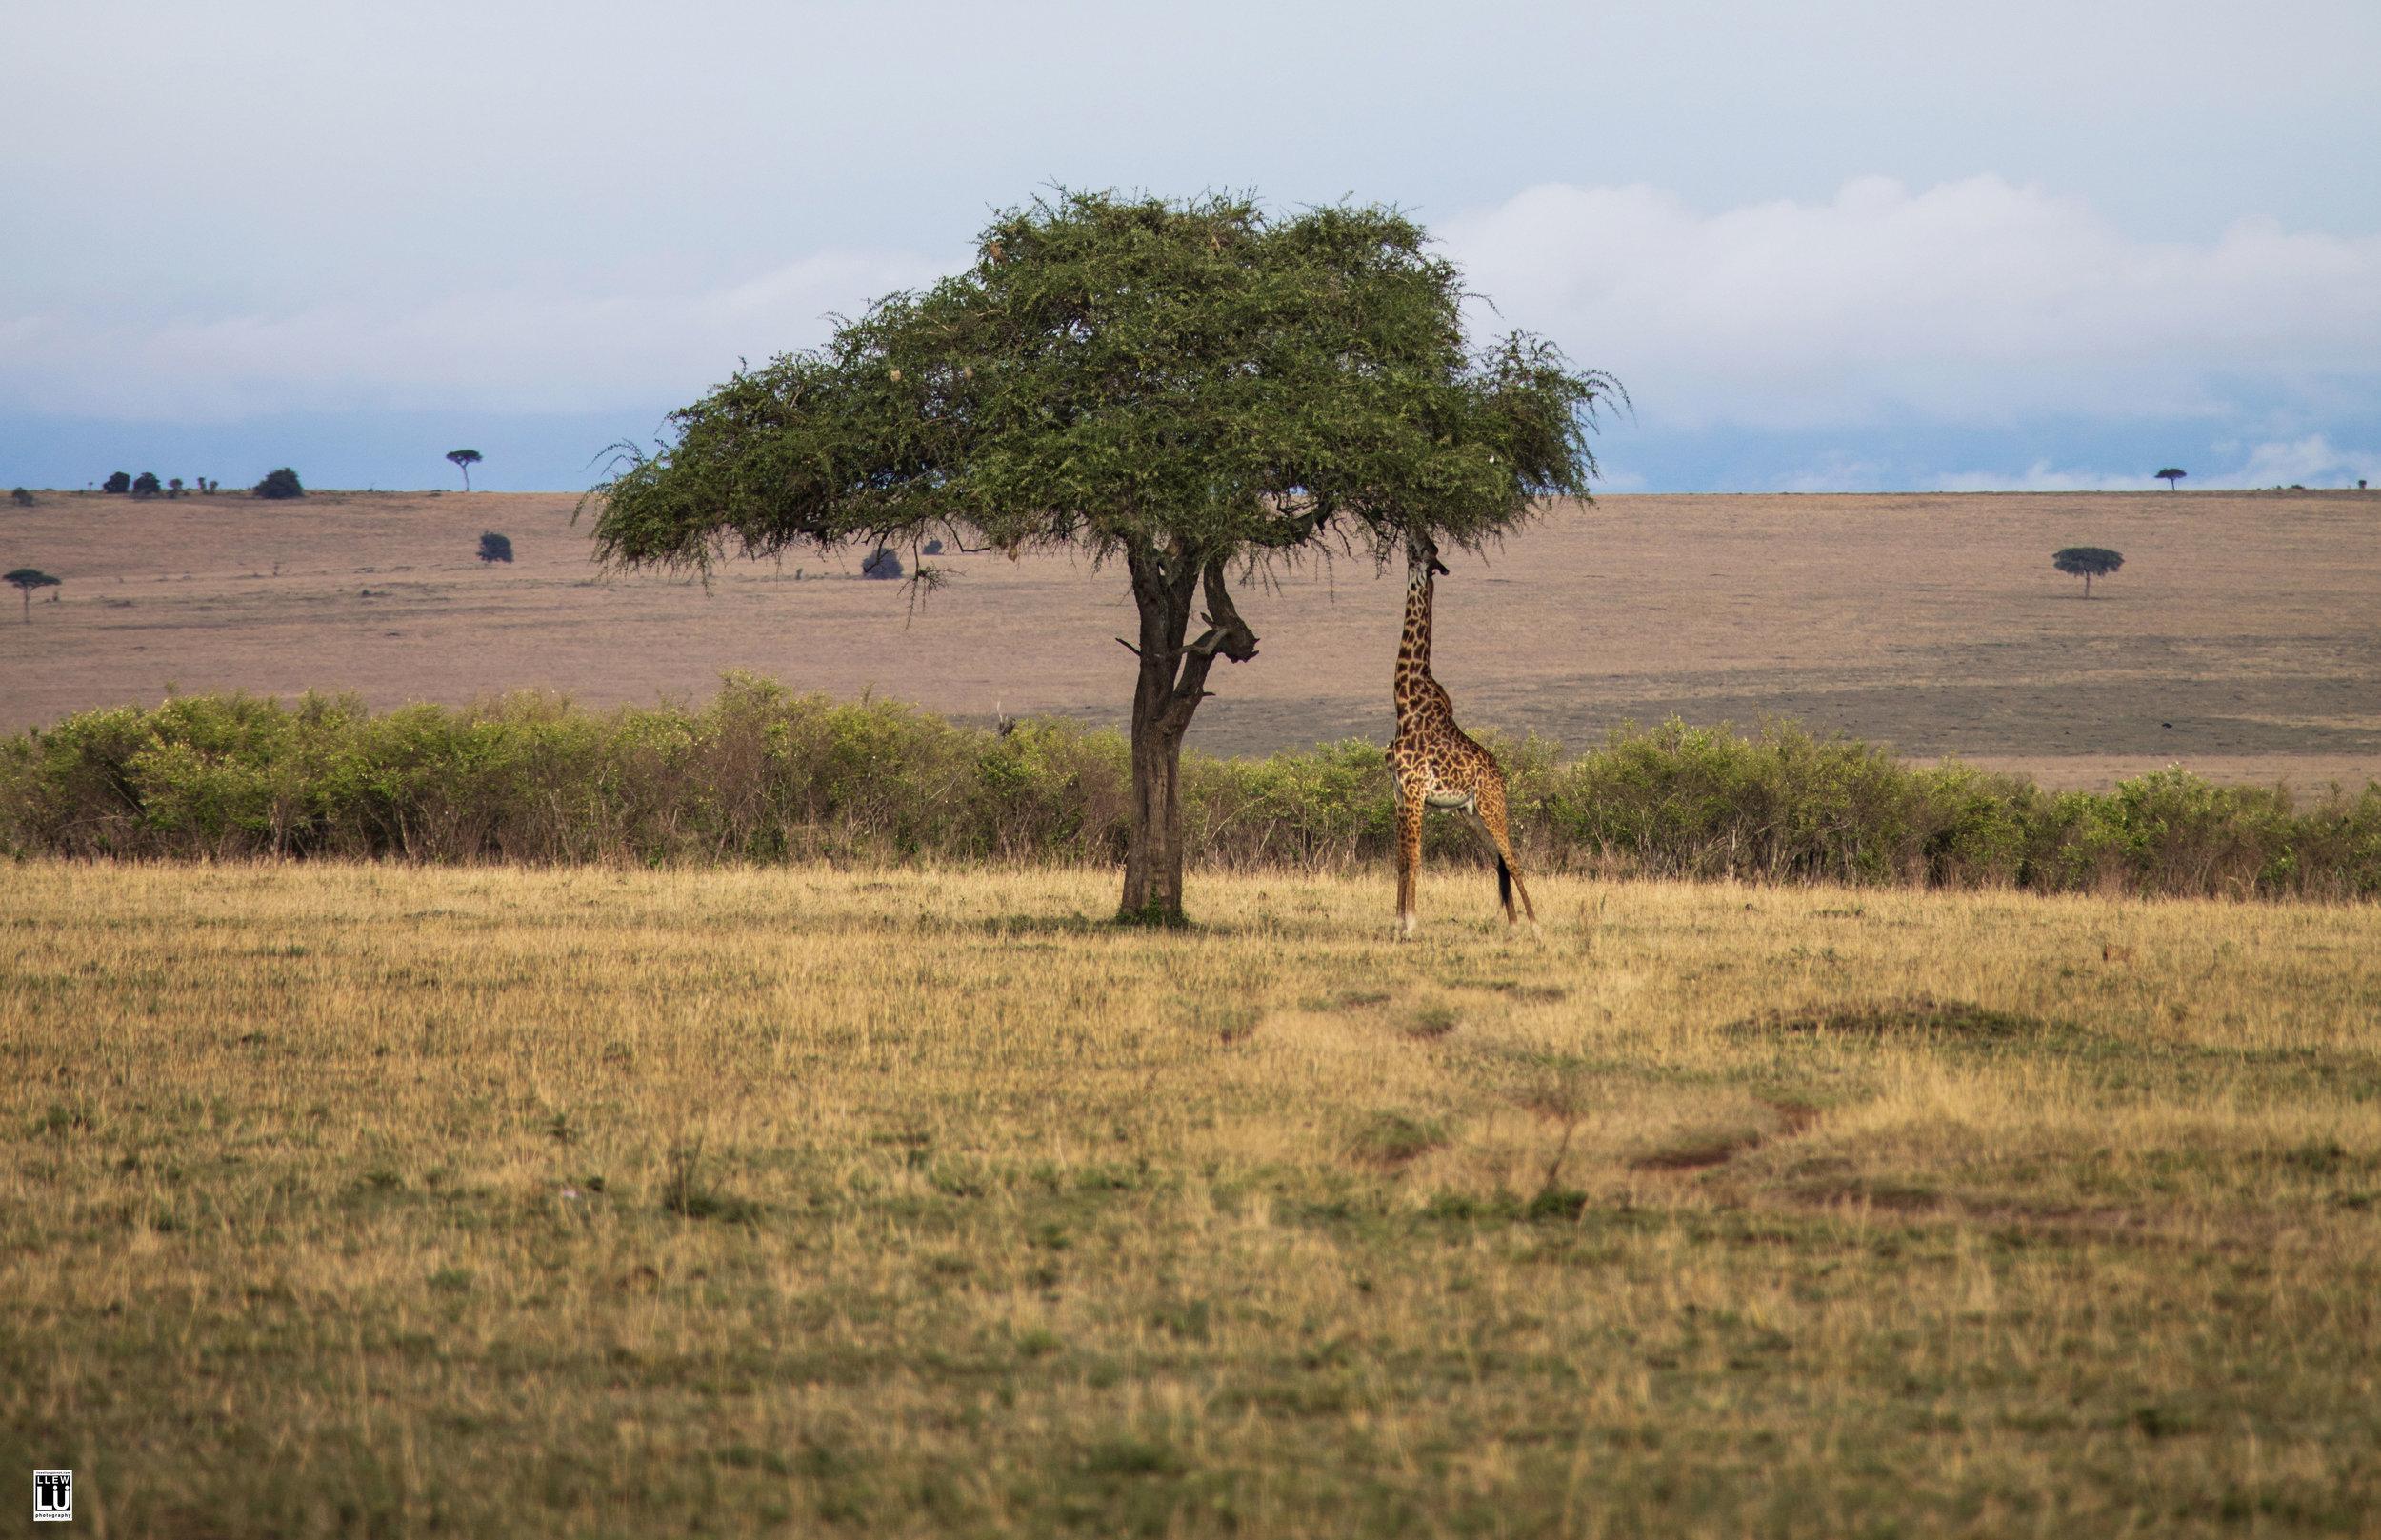 Masai Mara giraffe.